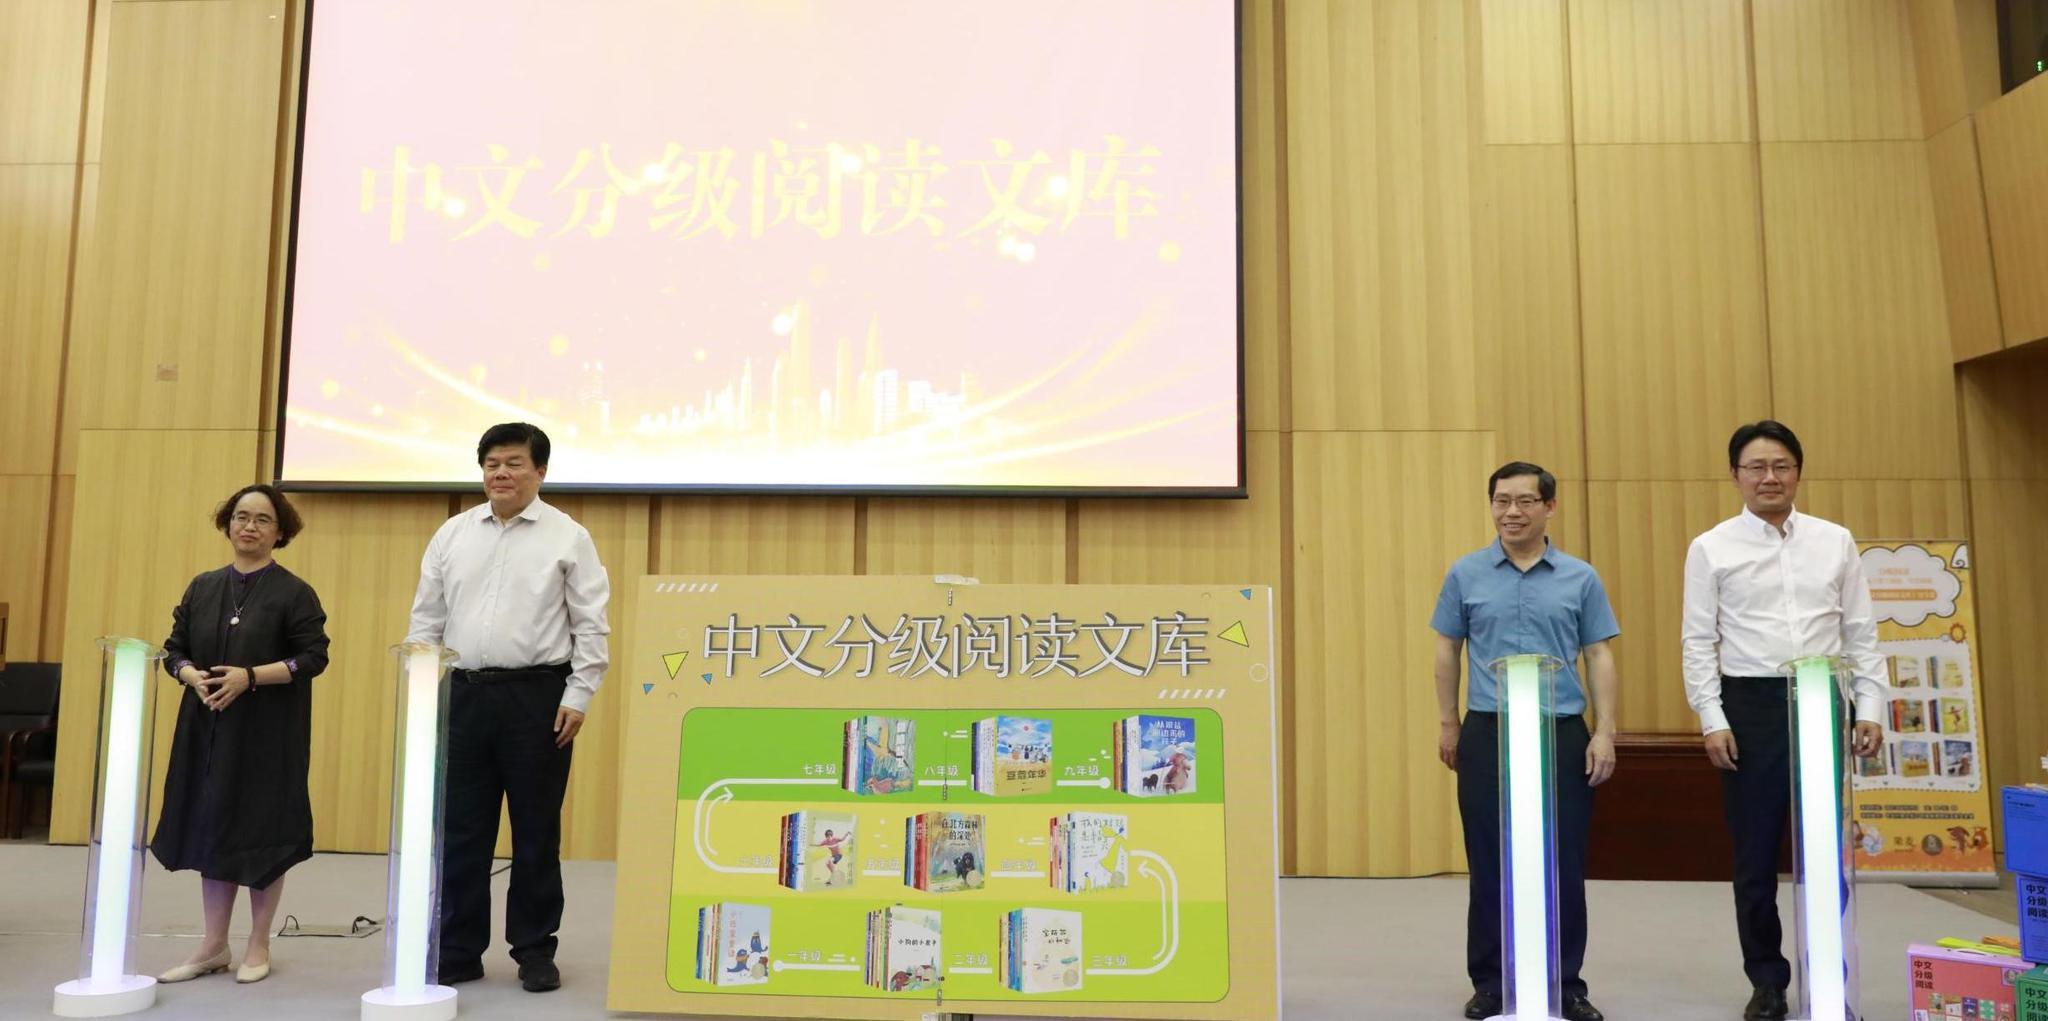 果麦文化与亲近母语联合发布《中文分级阅读文库》